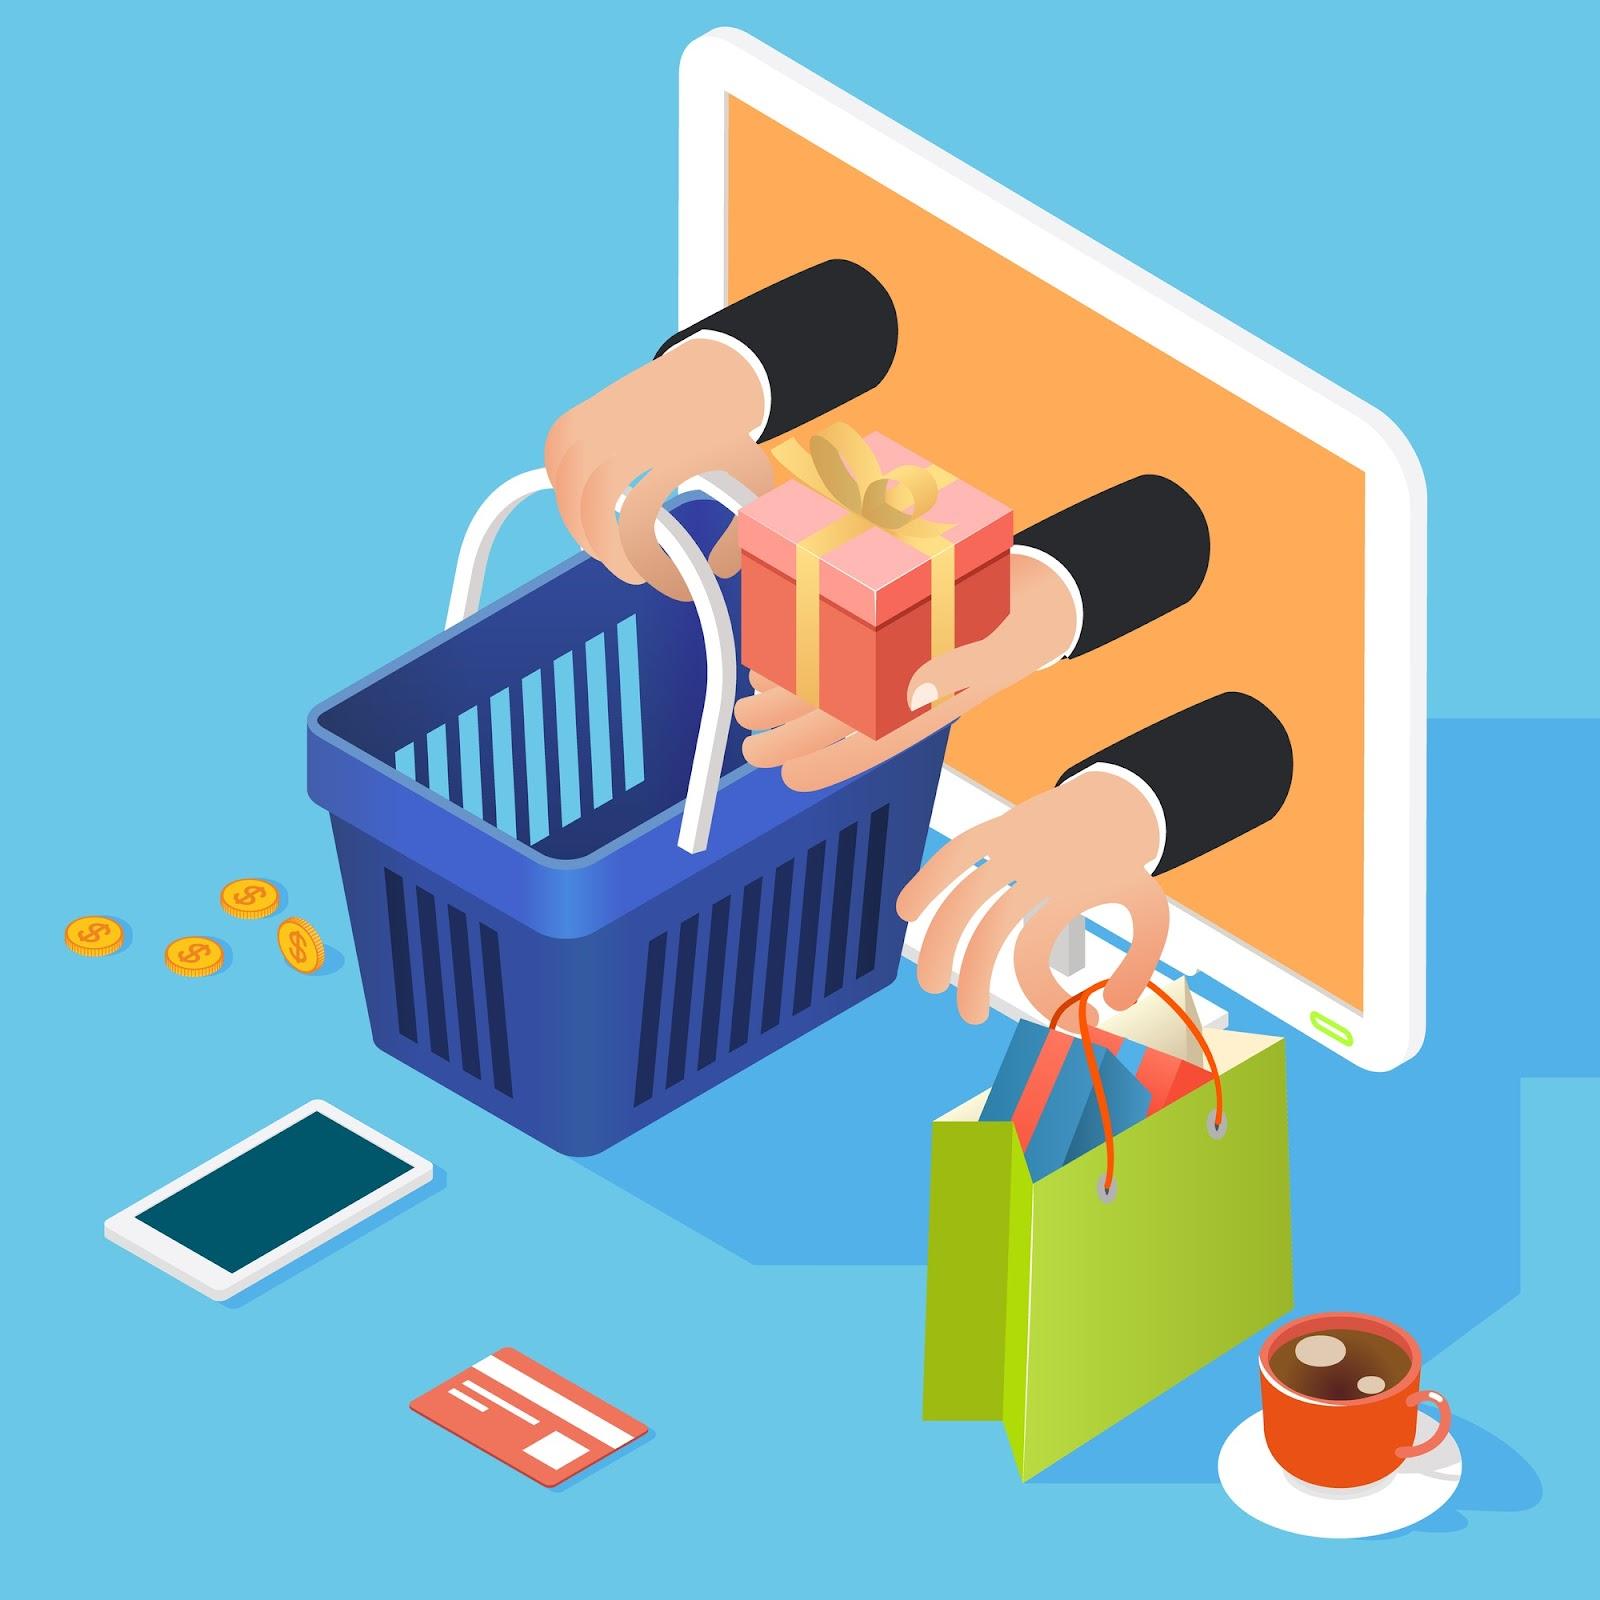 Як повернути частину грошей за покупки в інтернеті у 2020 році, фото-2